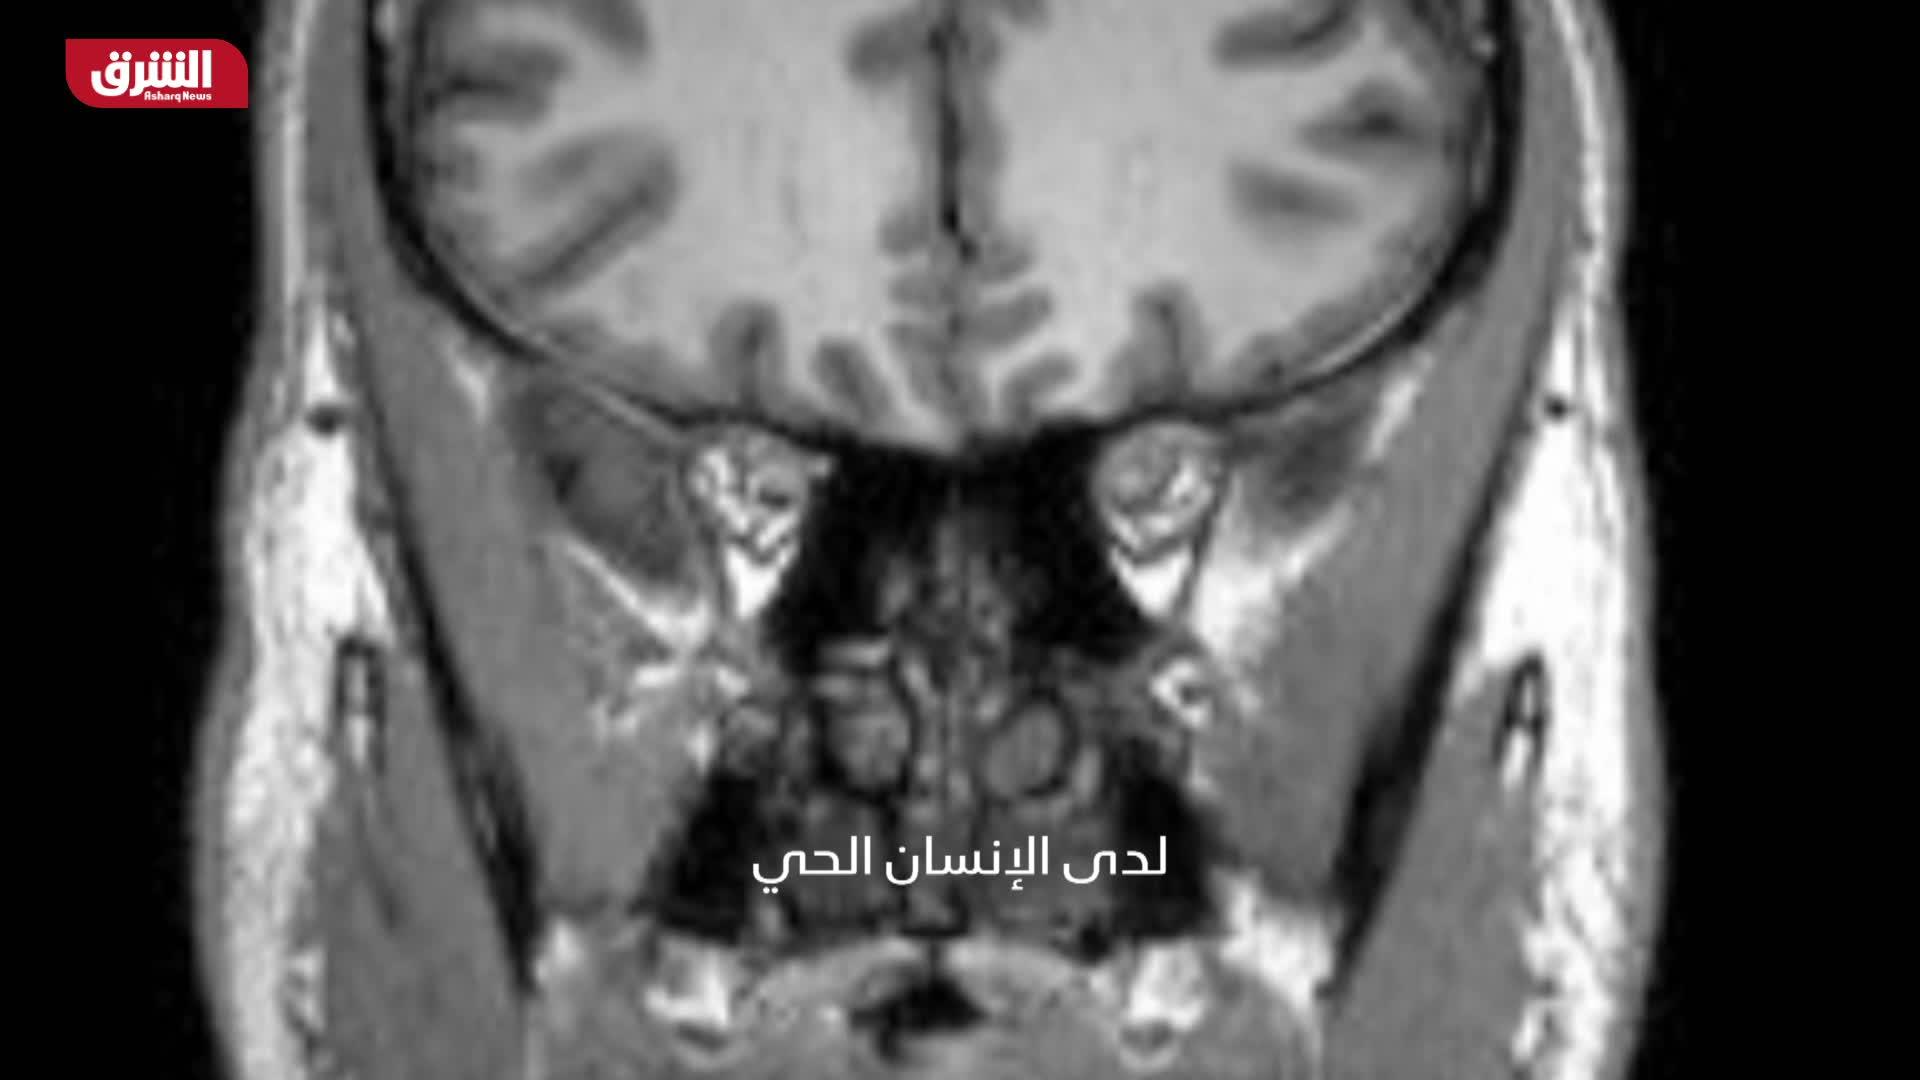 العمر المديد - لغز الدماغ